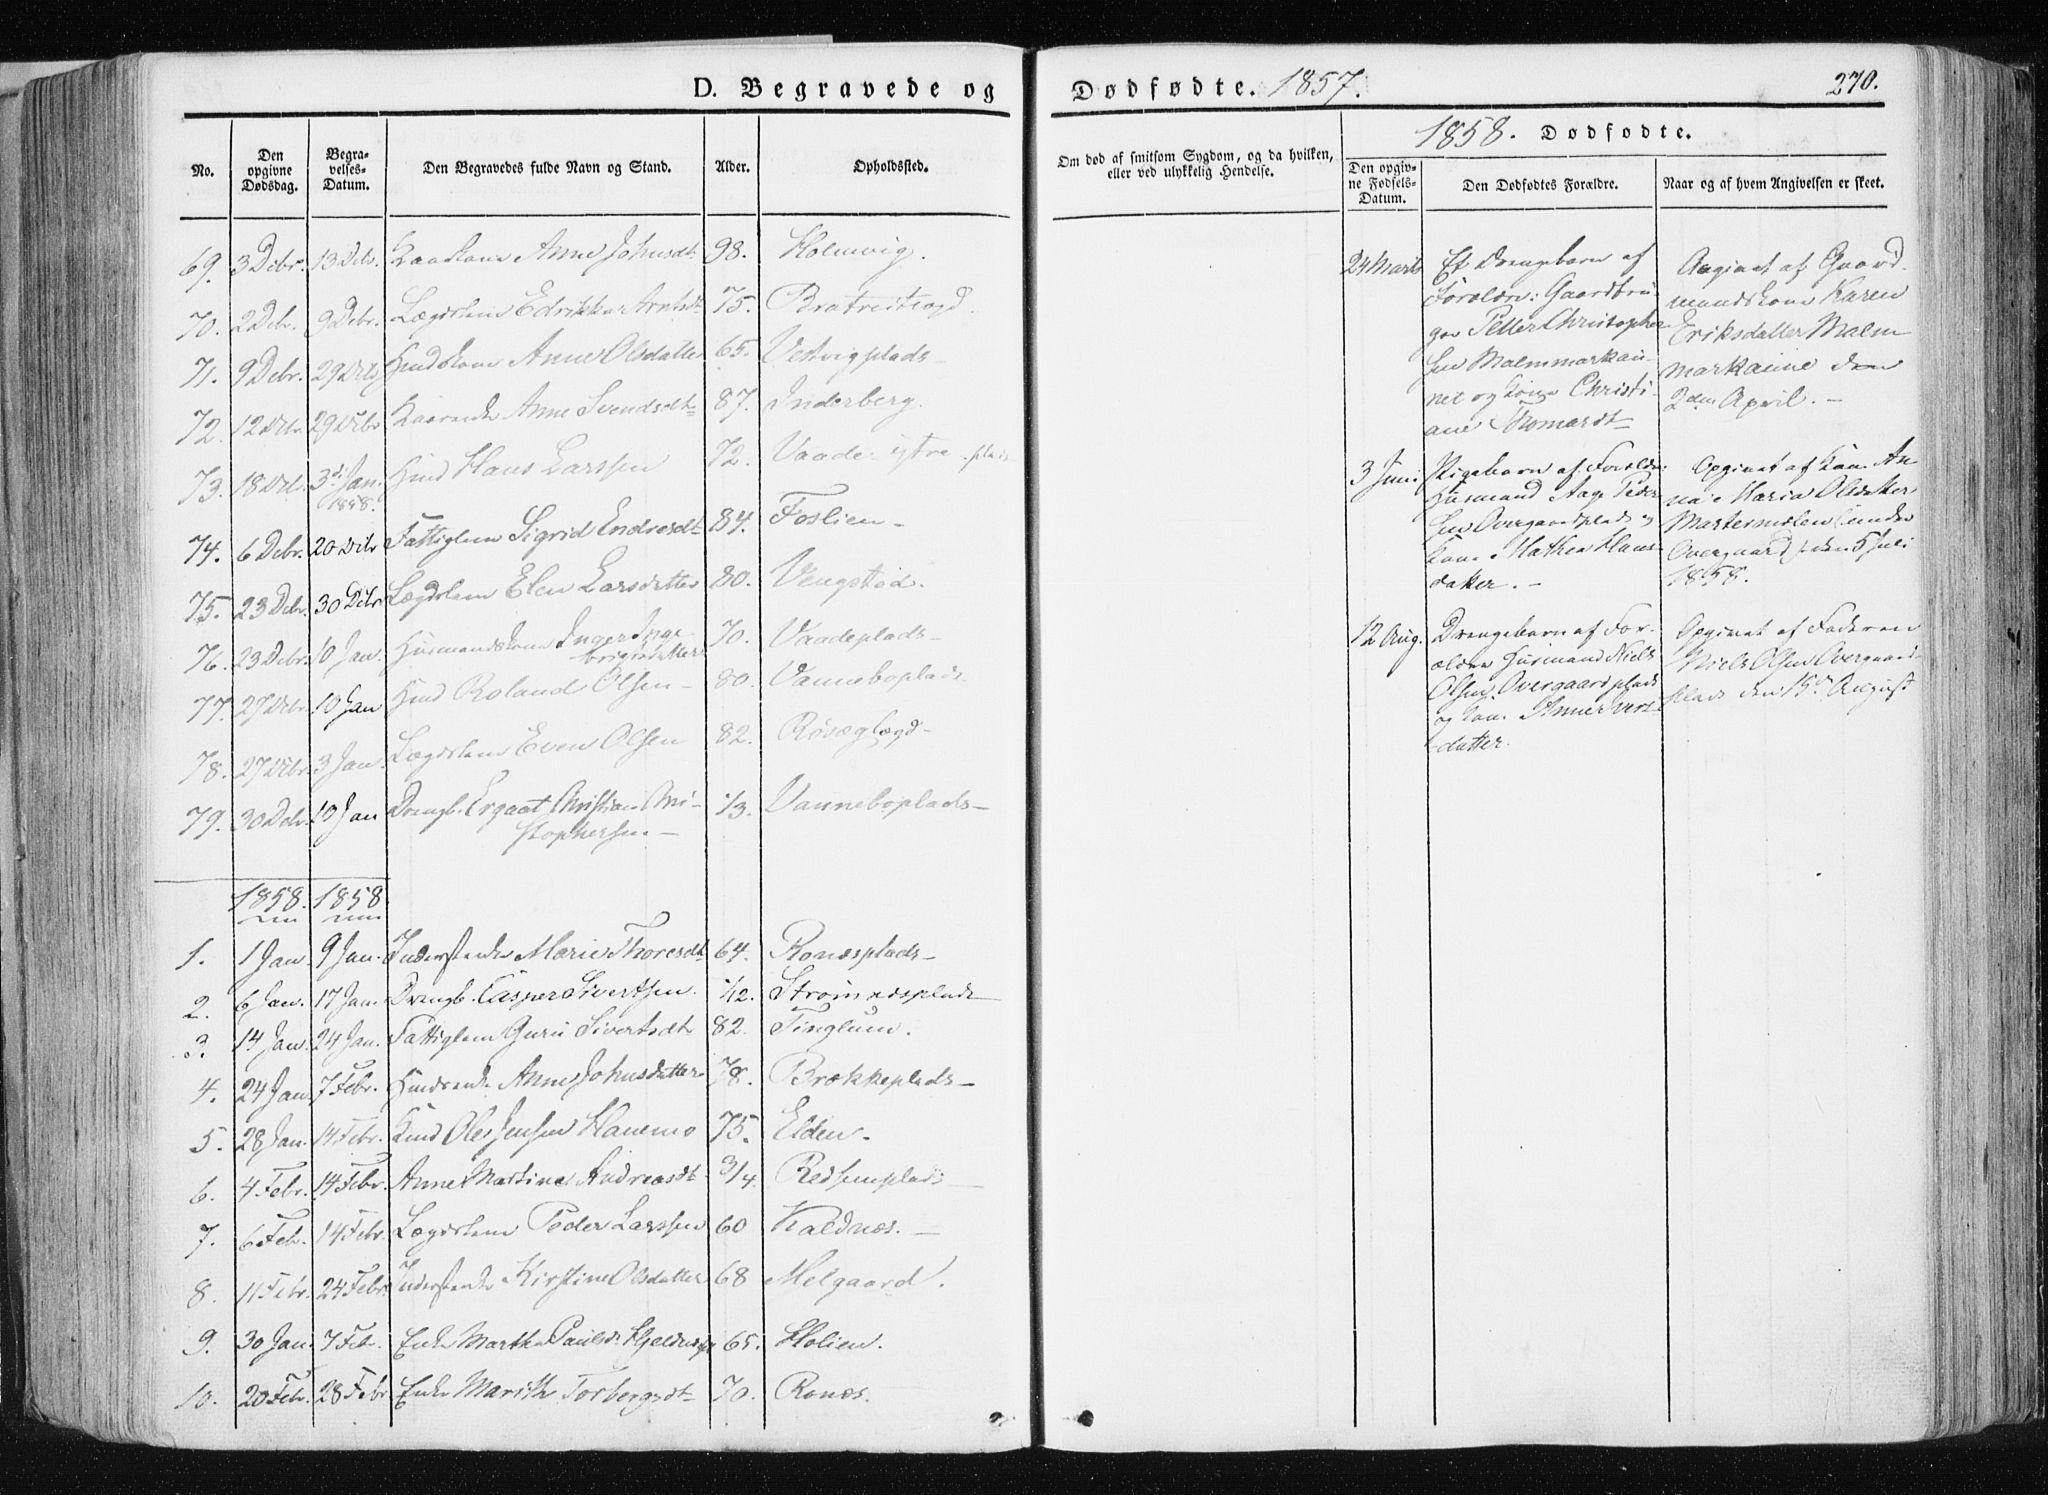 SAT, Ministerialprotokoller, klokkerbøker og fødselsregistre - Nord-Trøndelag, 741/L0393: Ministerialbok nr. 741A07, 1849-1863, s. 270